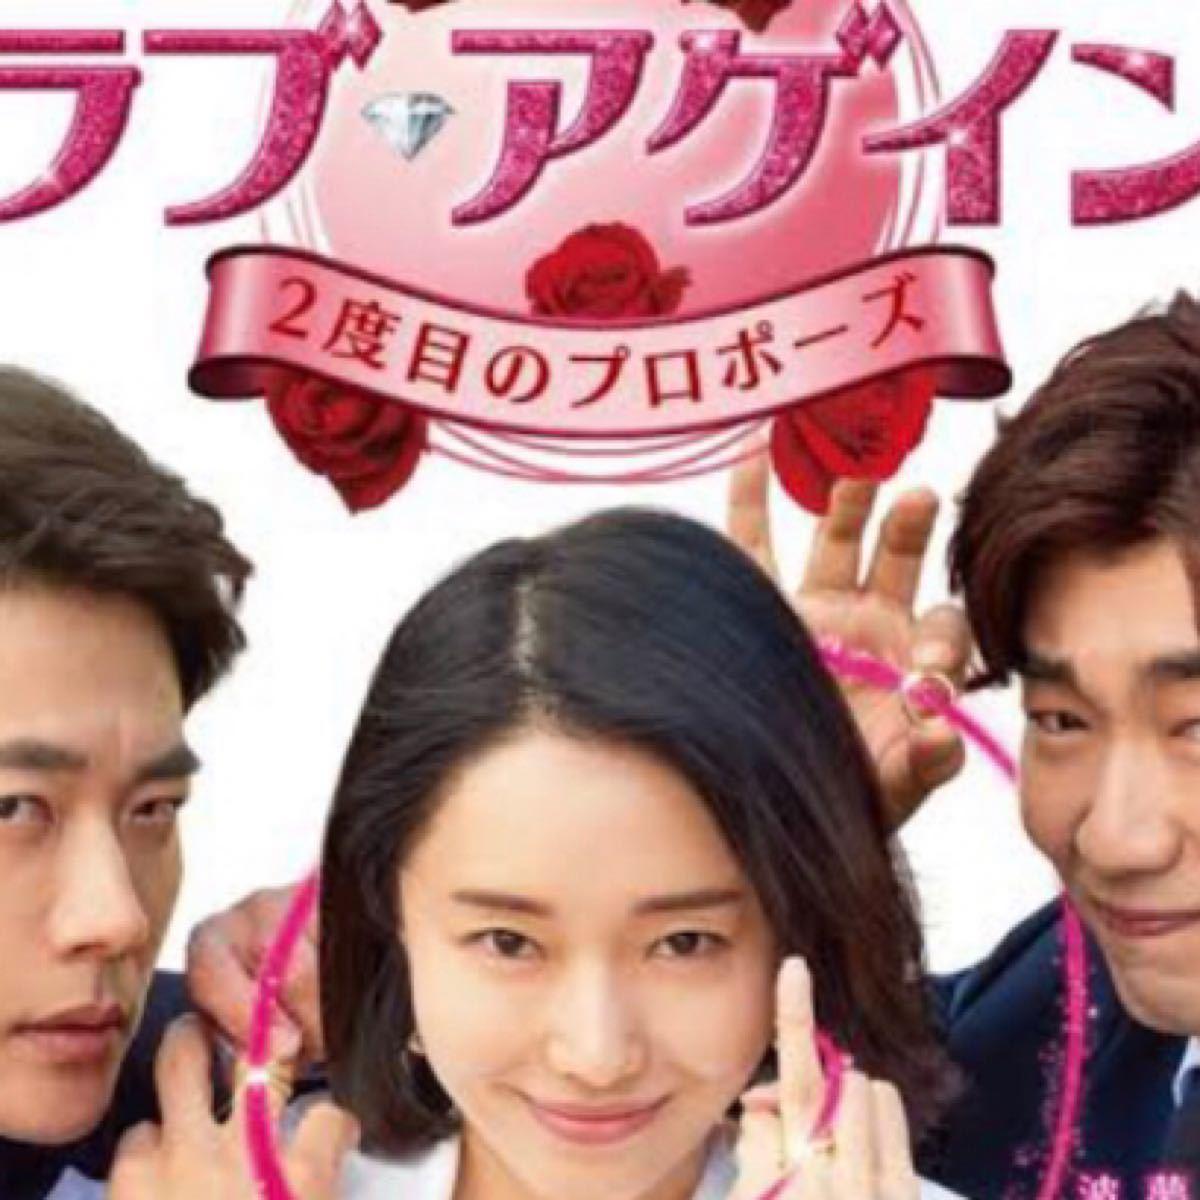 韓国映画  ラブアゲイン  クォン・サンウ  DVD  日本語吹替有り  レーベル有り